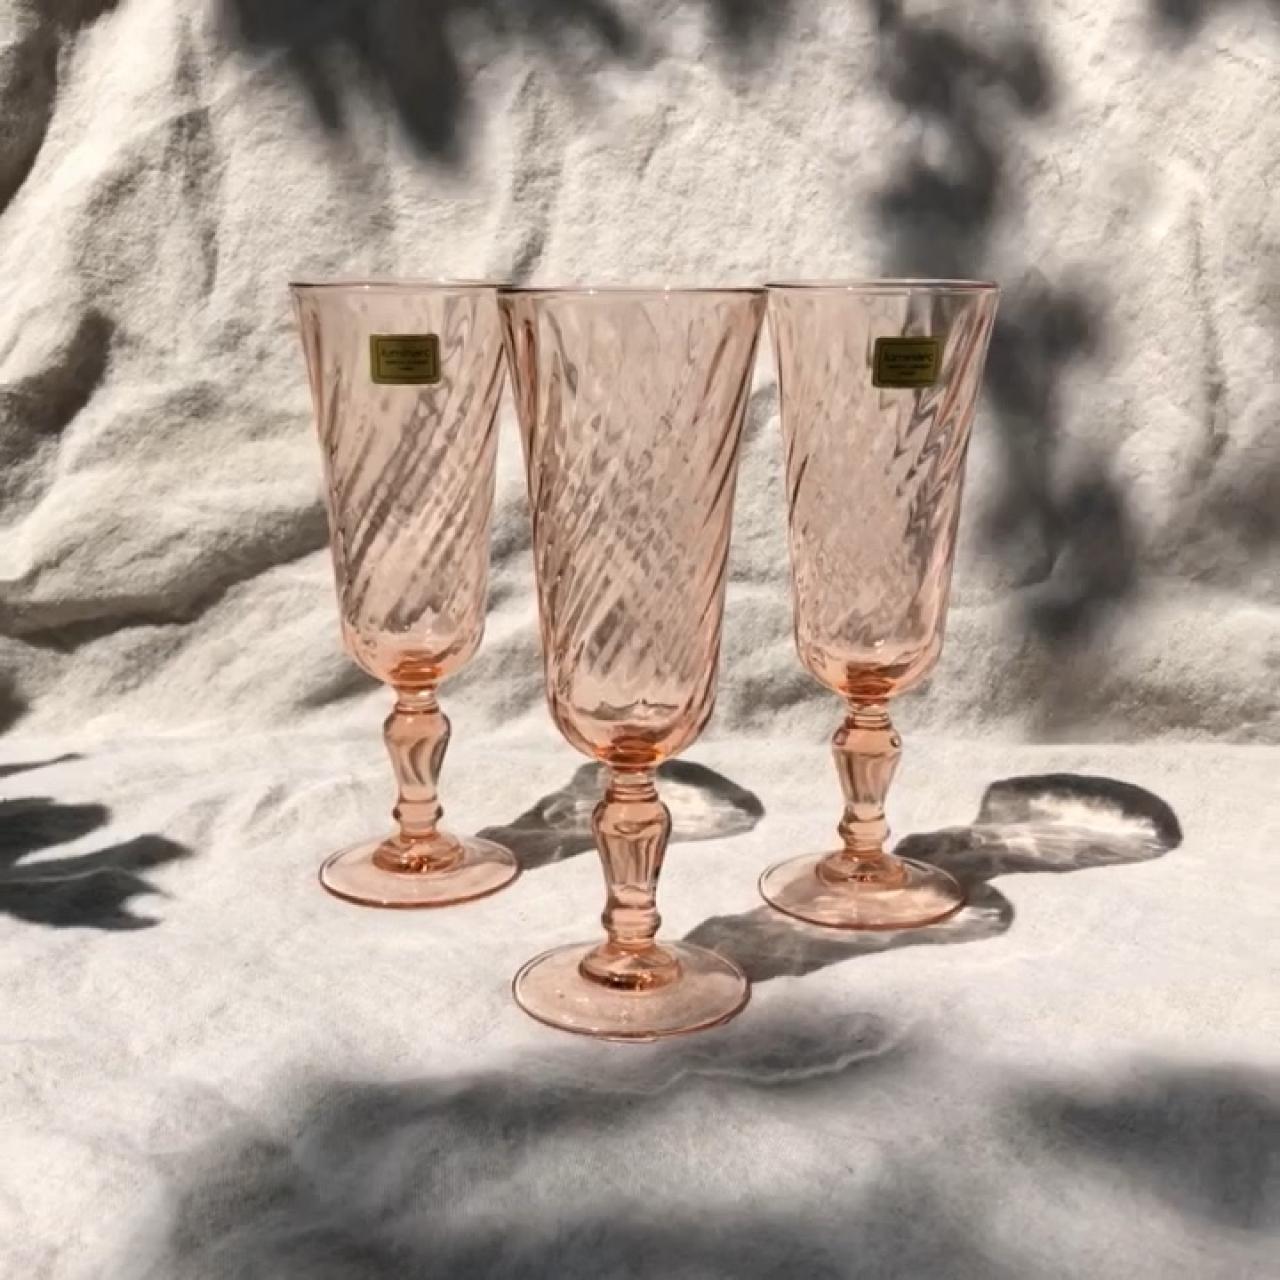 Vintage Pink Champagne Glasses set of 3 Arcoroc    - Depop